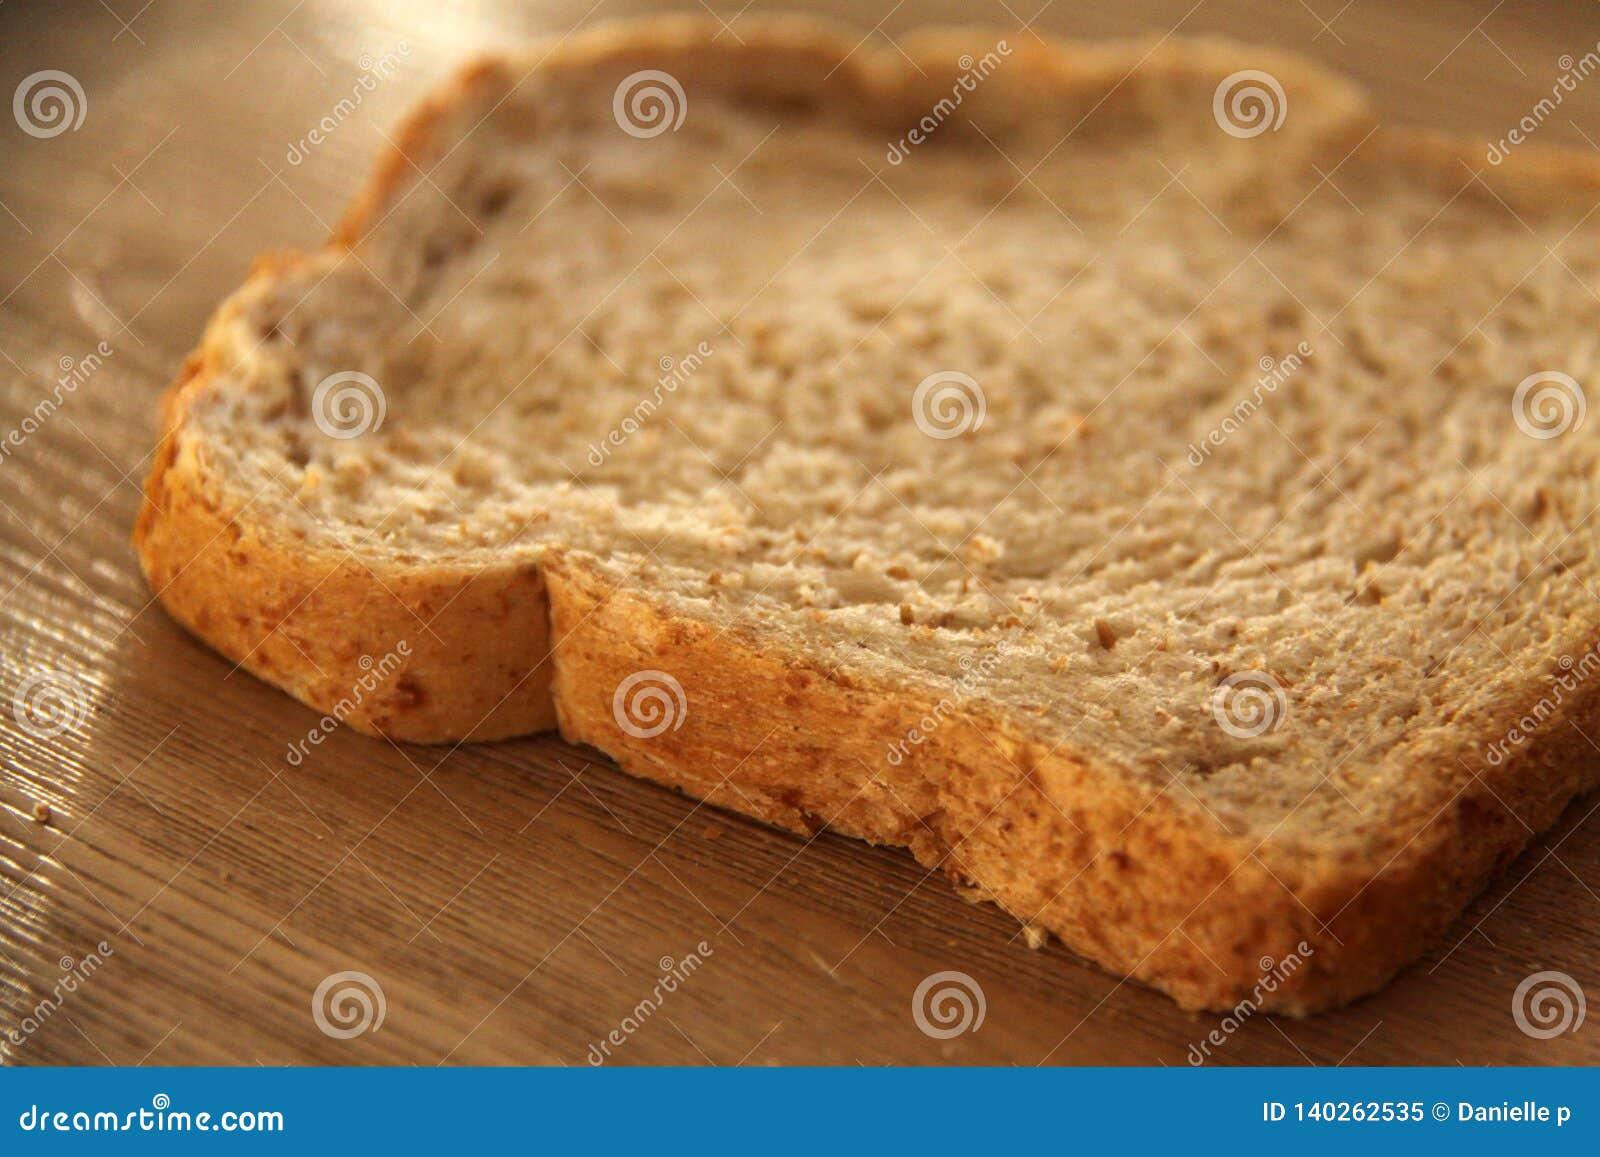 Fatia fresca de pão integral inteiro